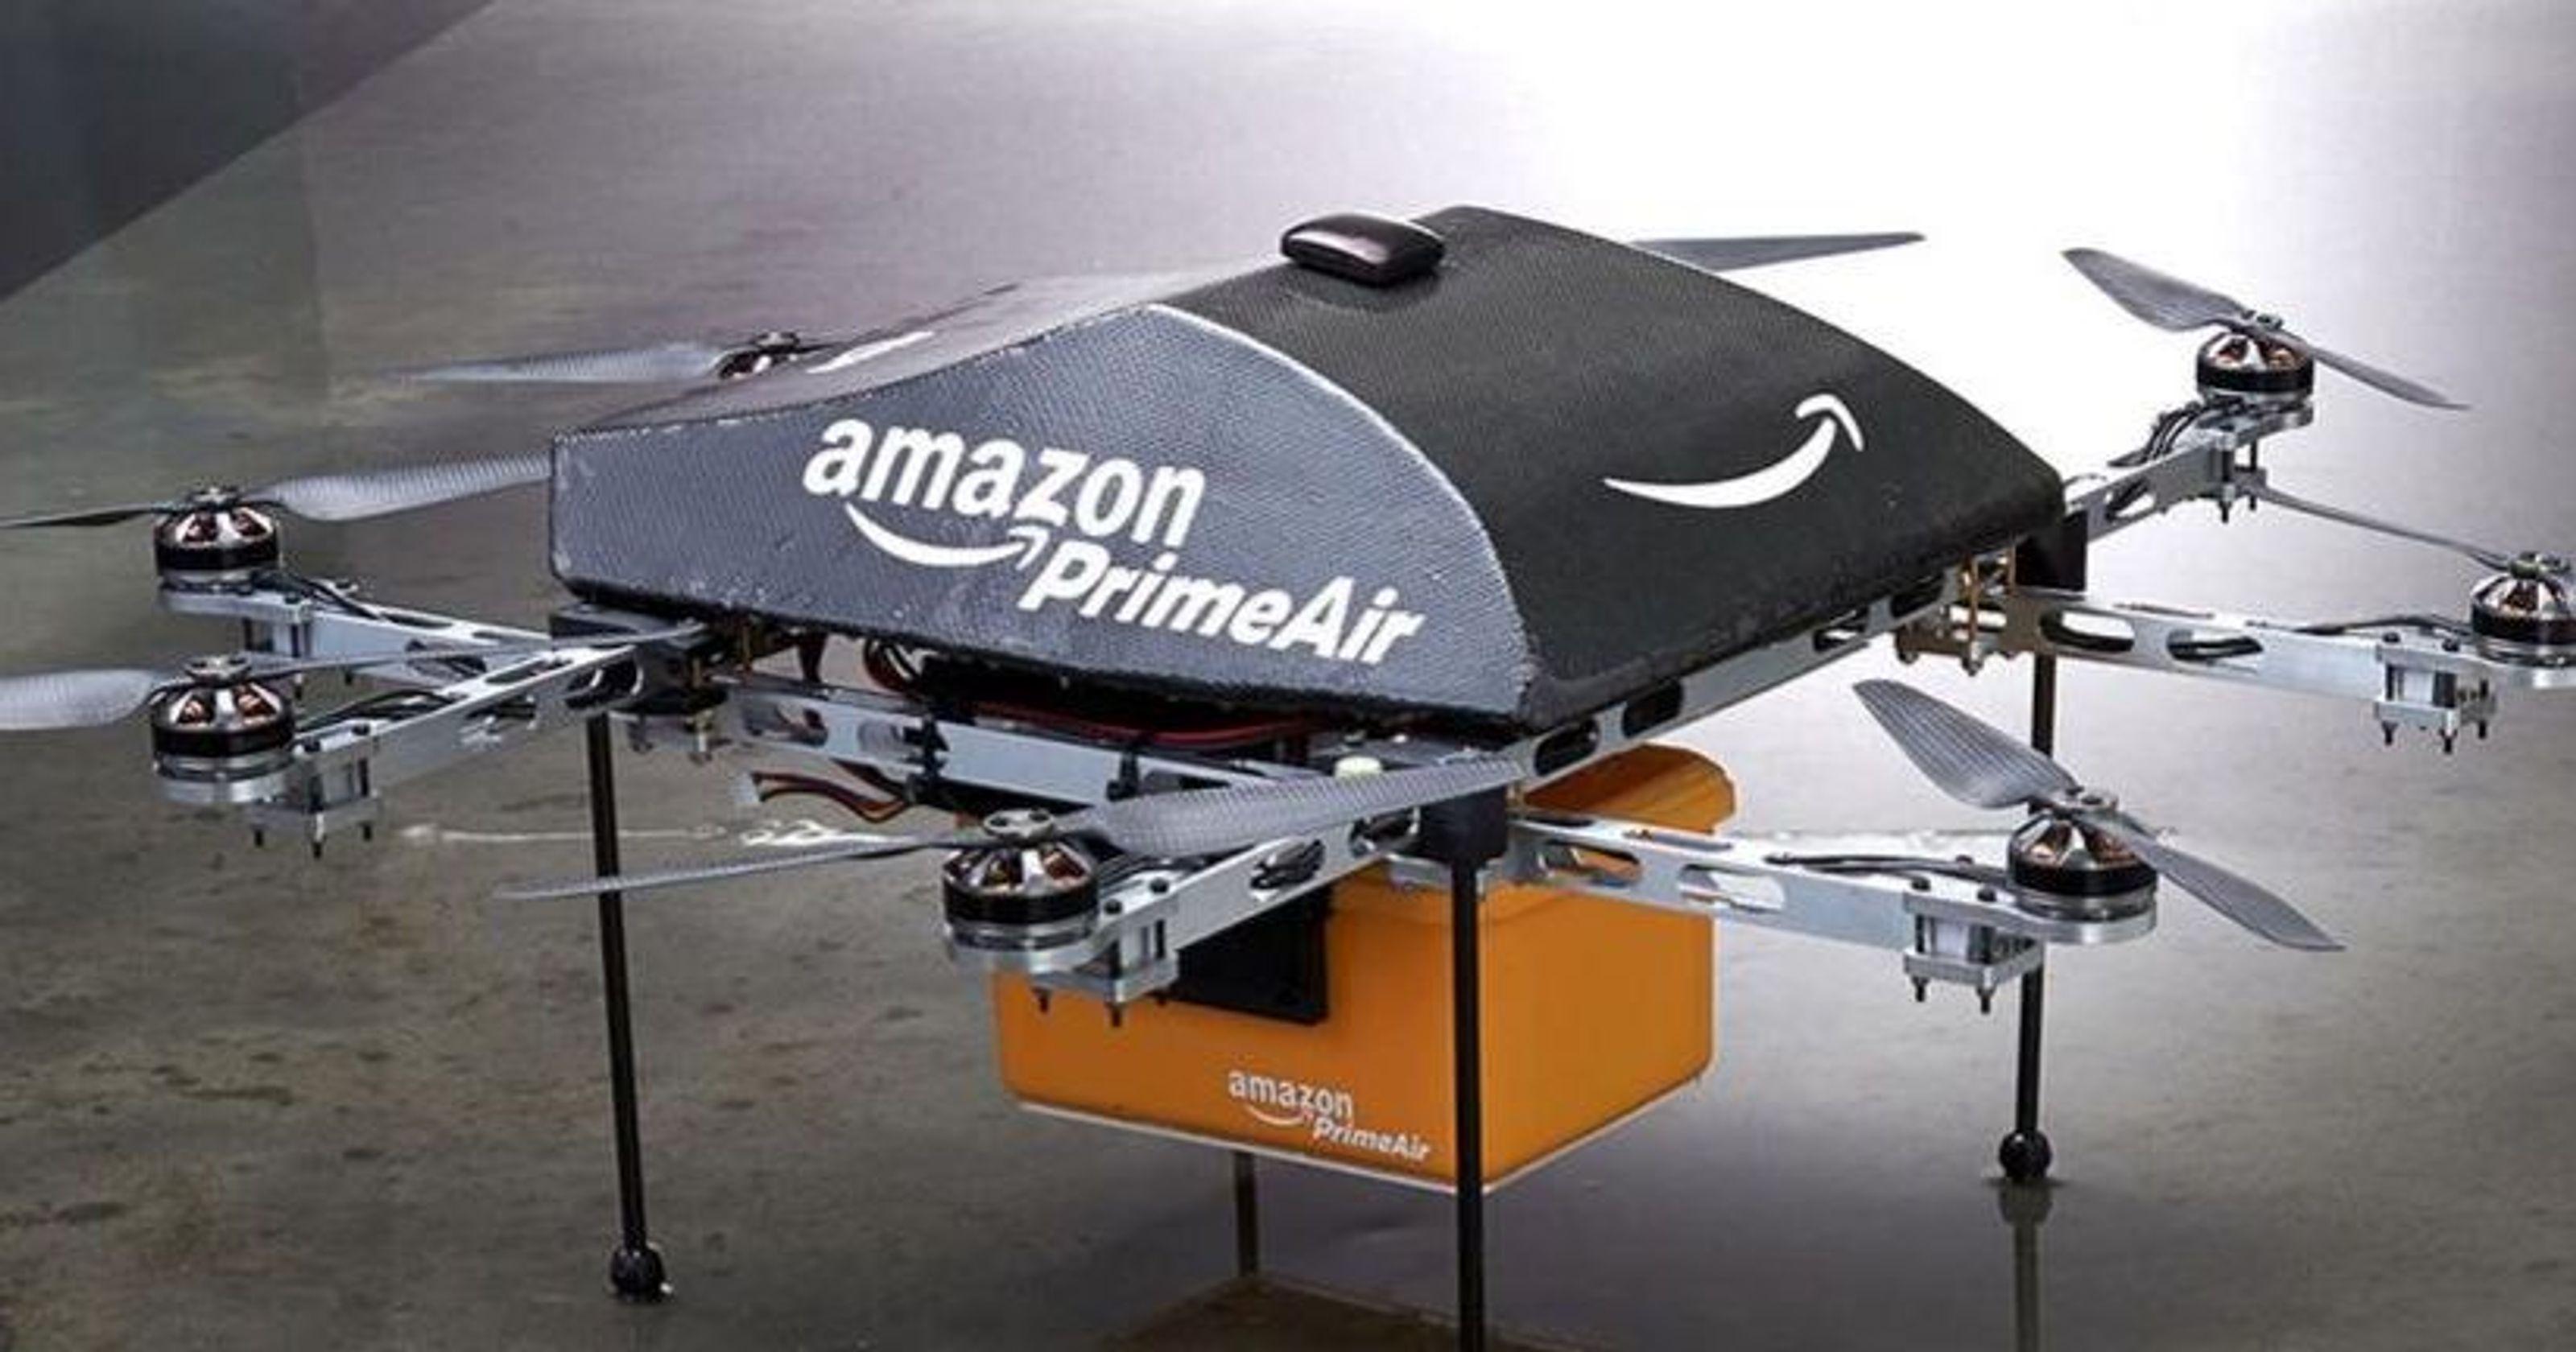 Droni di Amazon, pacchi recapitati a casa in meno di mezz'ora